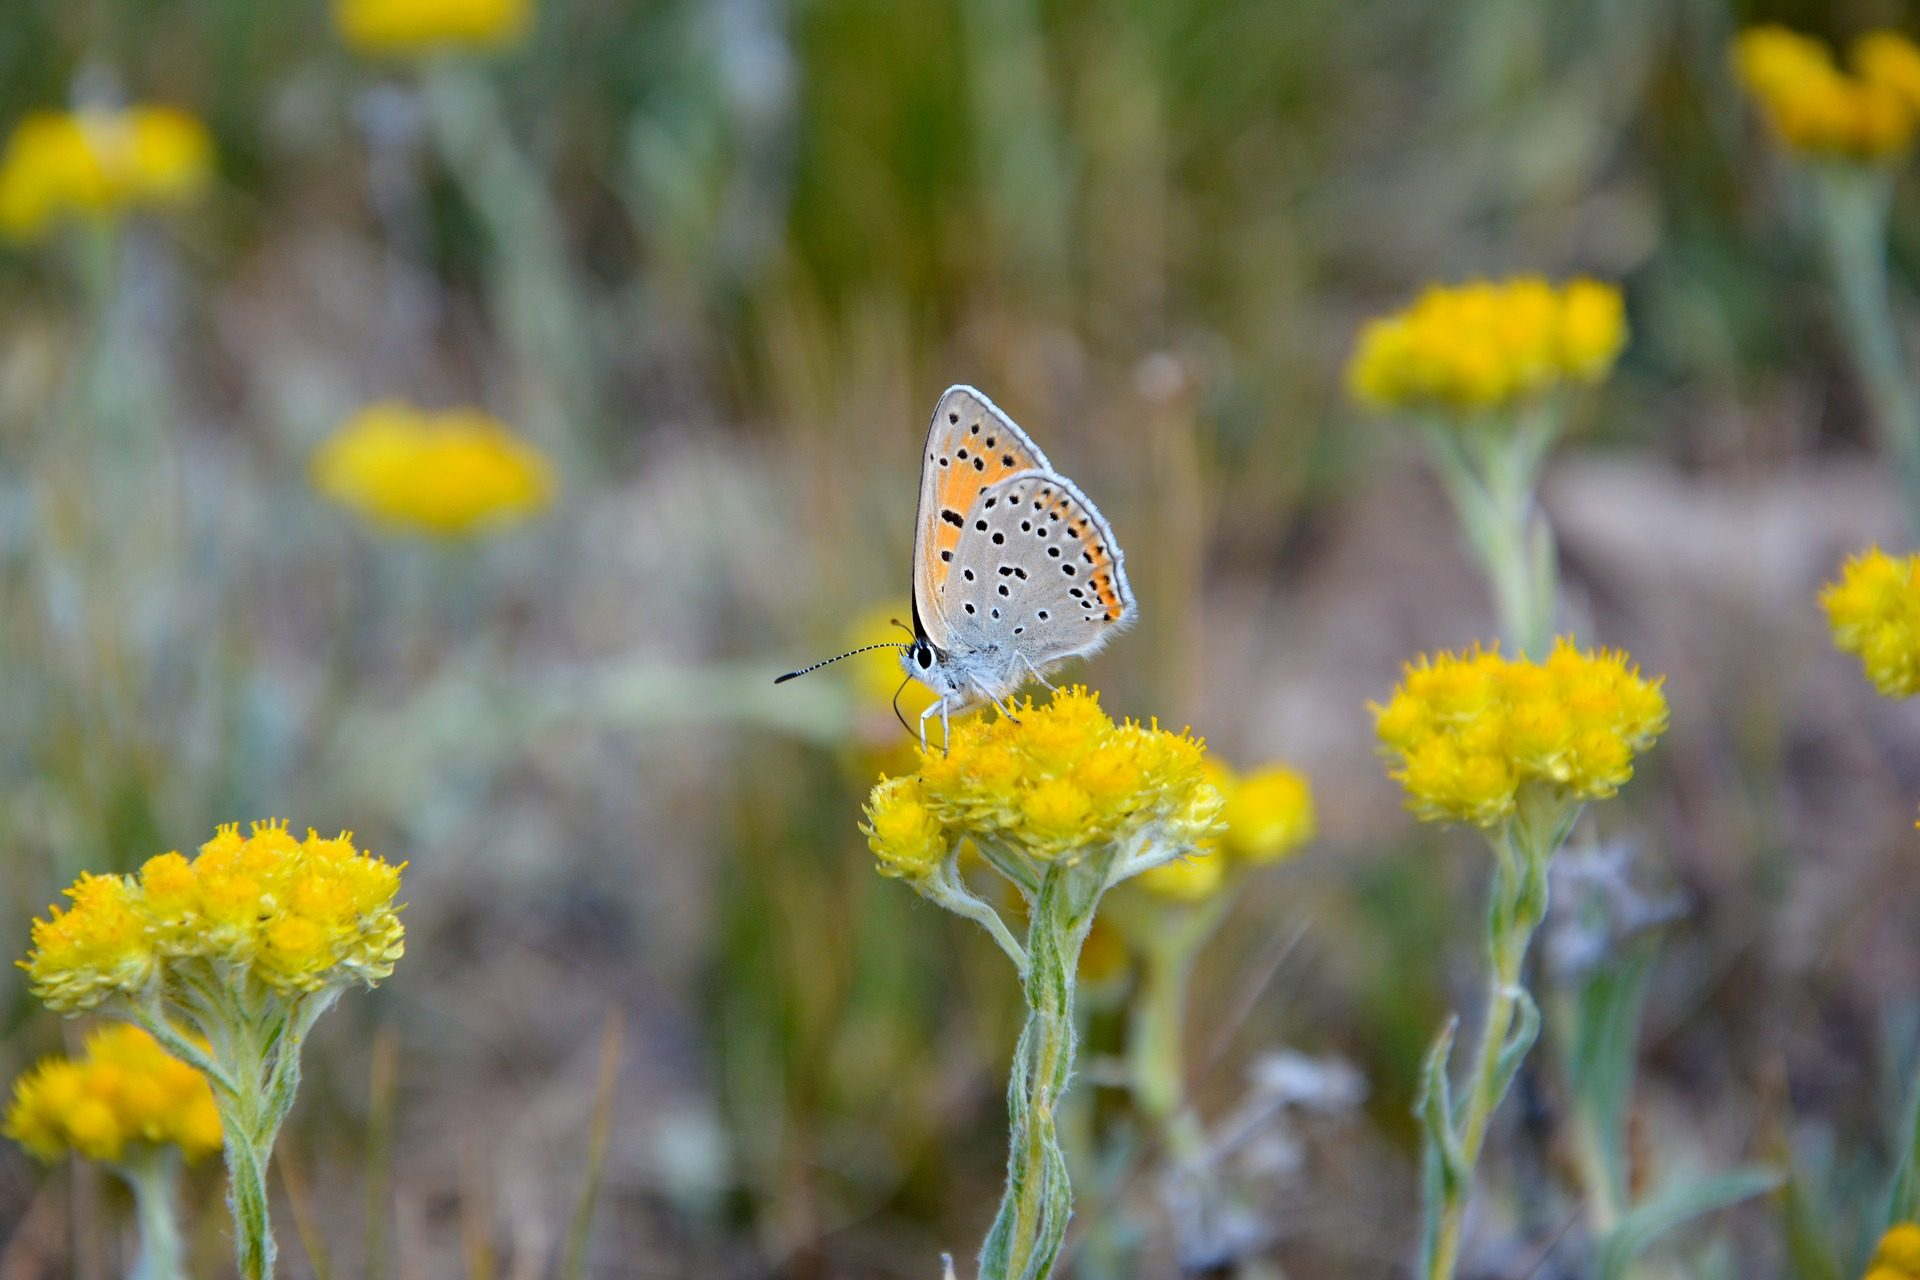 फूल, तितली, कीट, पंख, रंगीन - HD वॉलपेपर - प्रोफेसर-falken.com